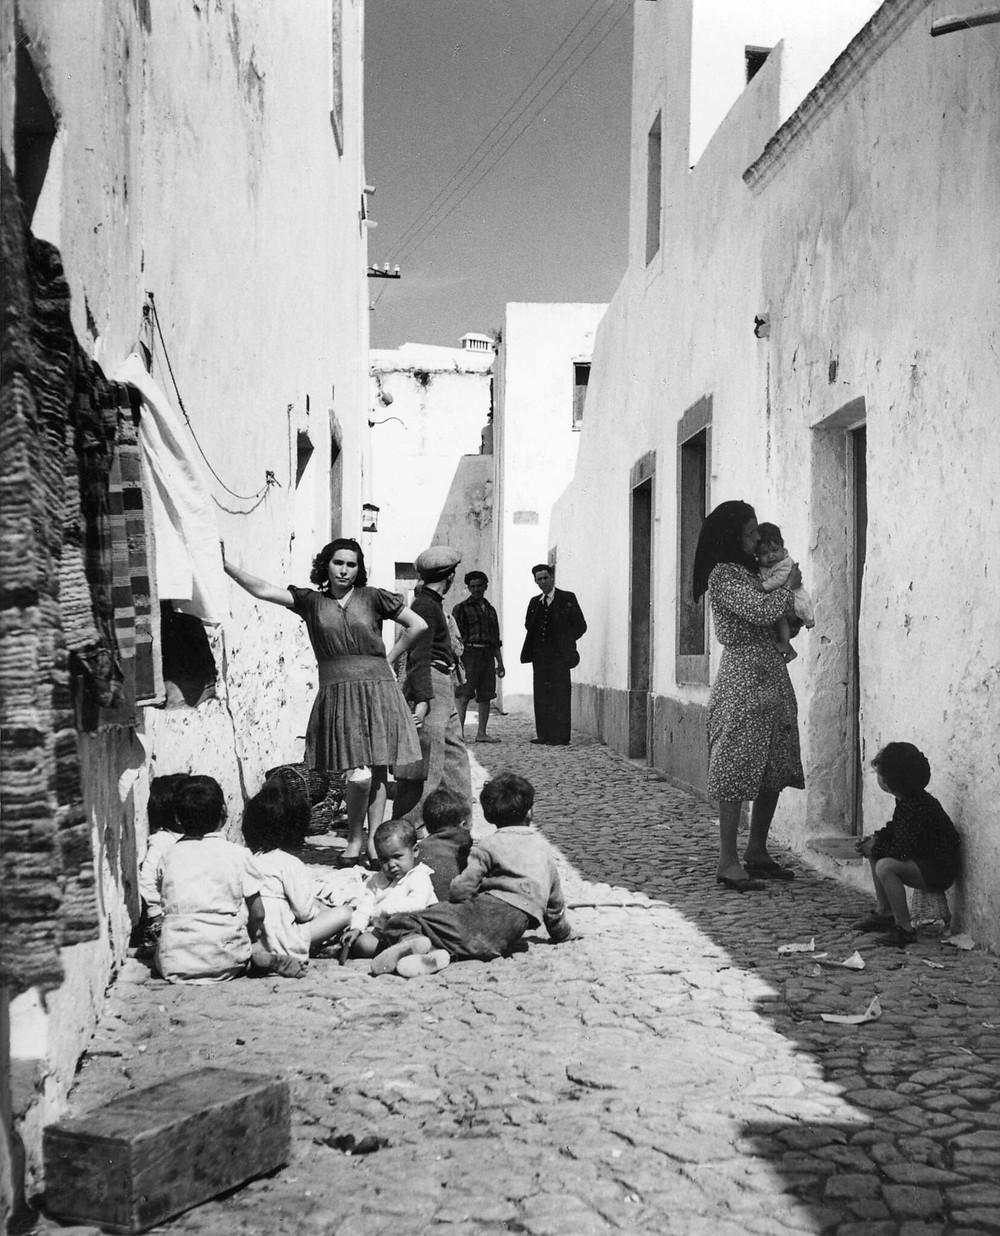 Gente no bairro da Barreta, Olhão (entre 1943 e 1945) // PT/AMLSB/ART/023321